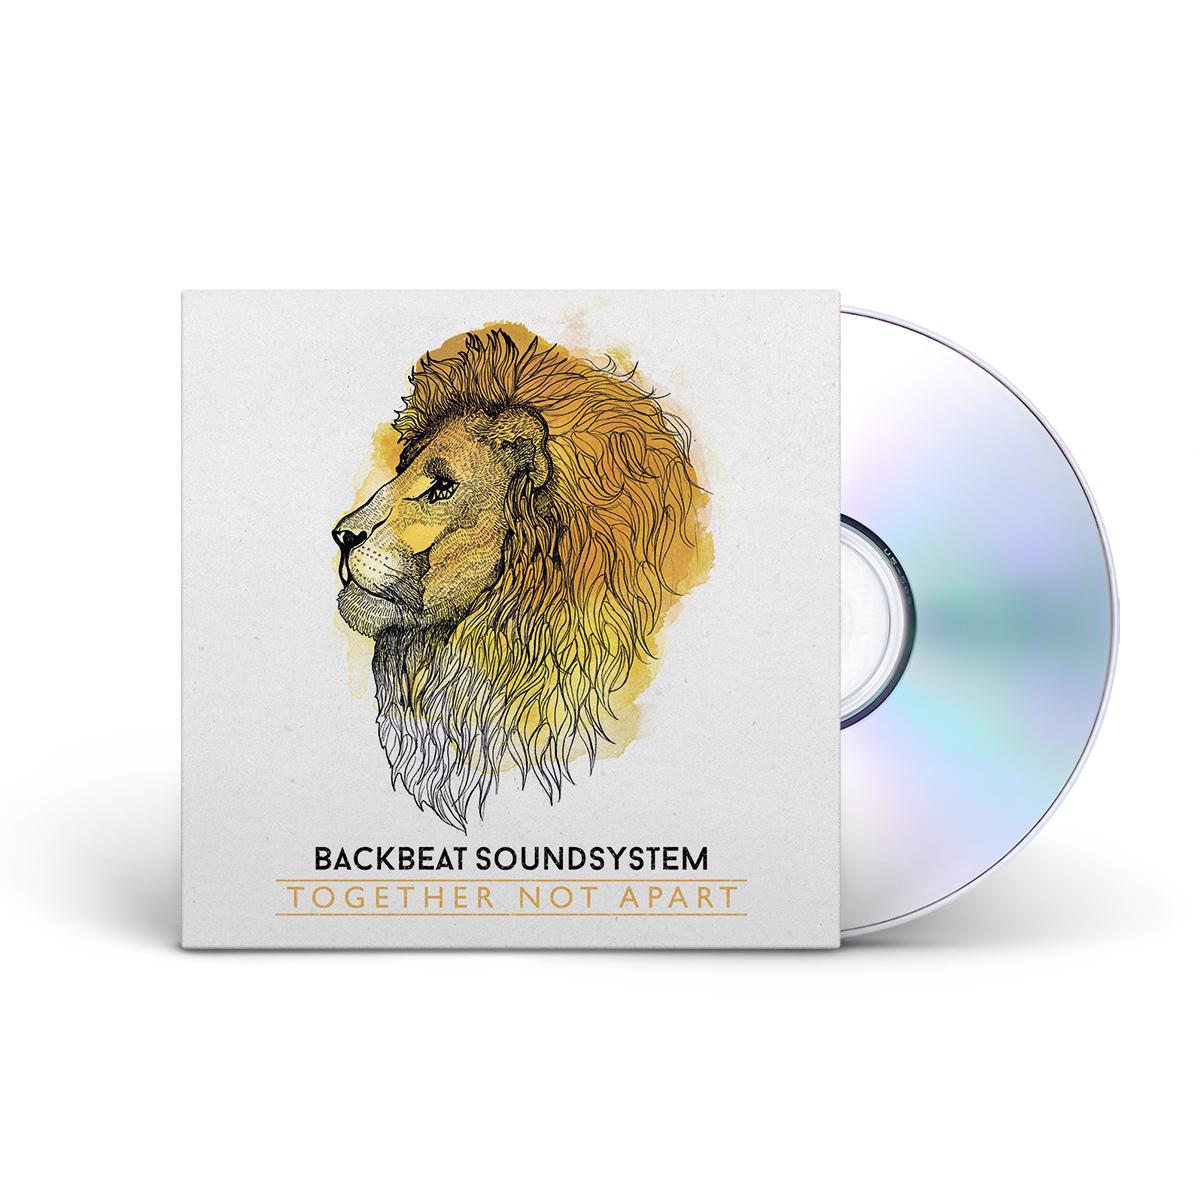 Backbeat Soundsystem – Together Not Apart CD